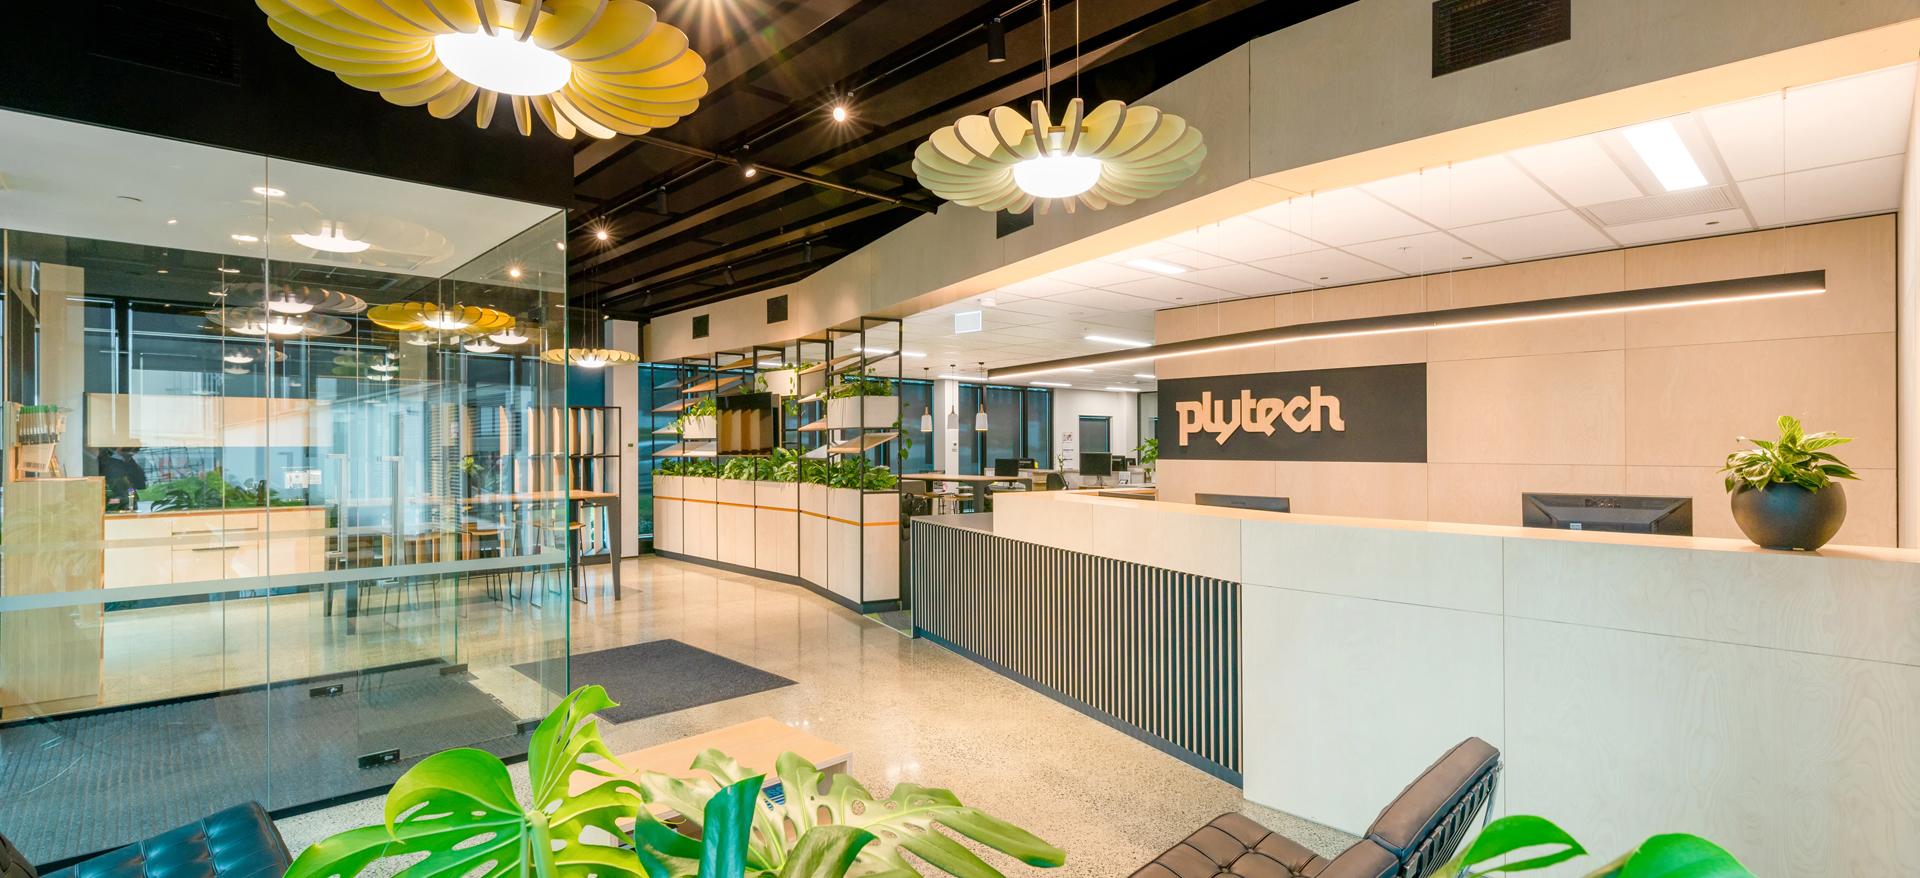 Plytech